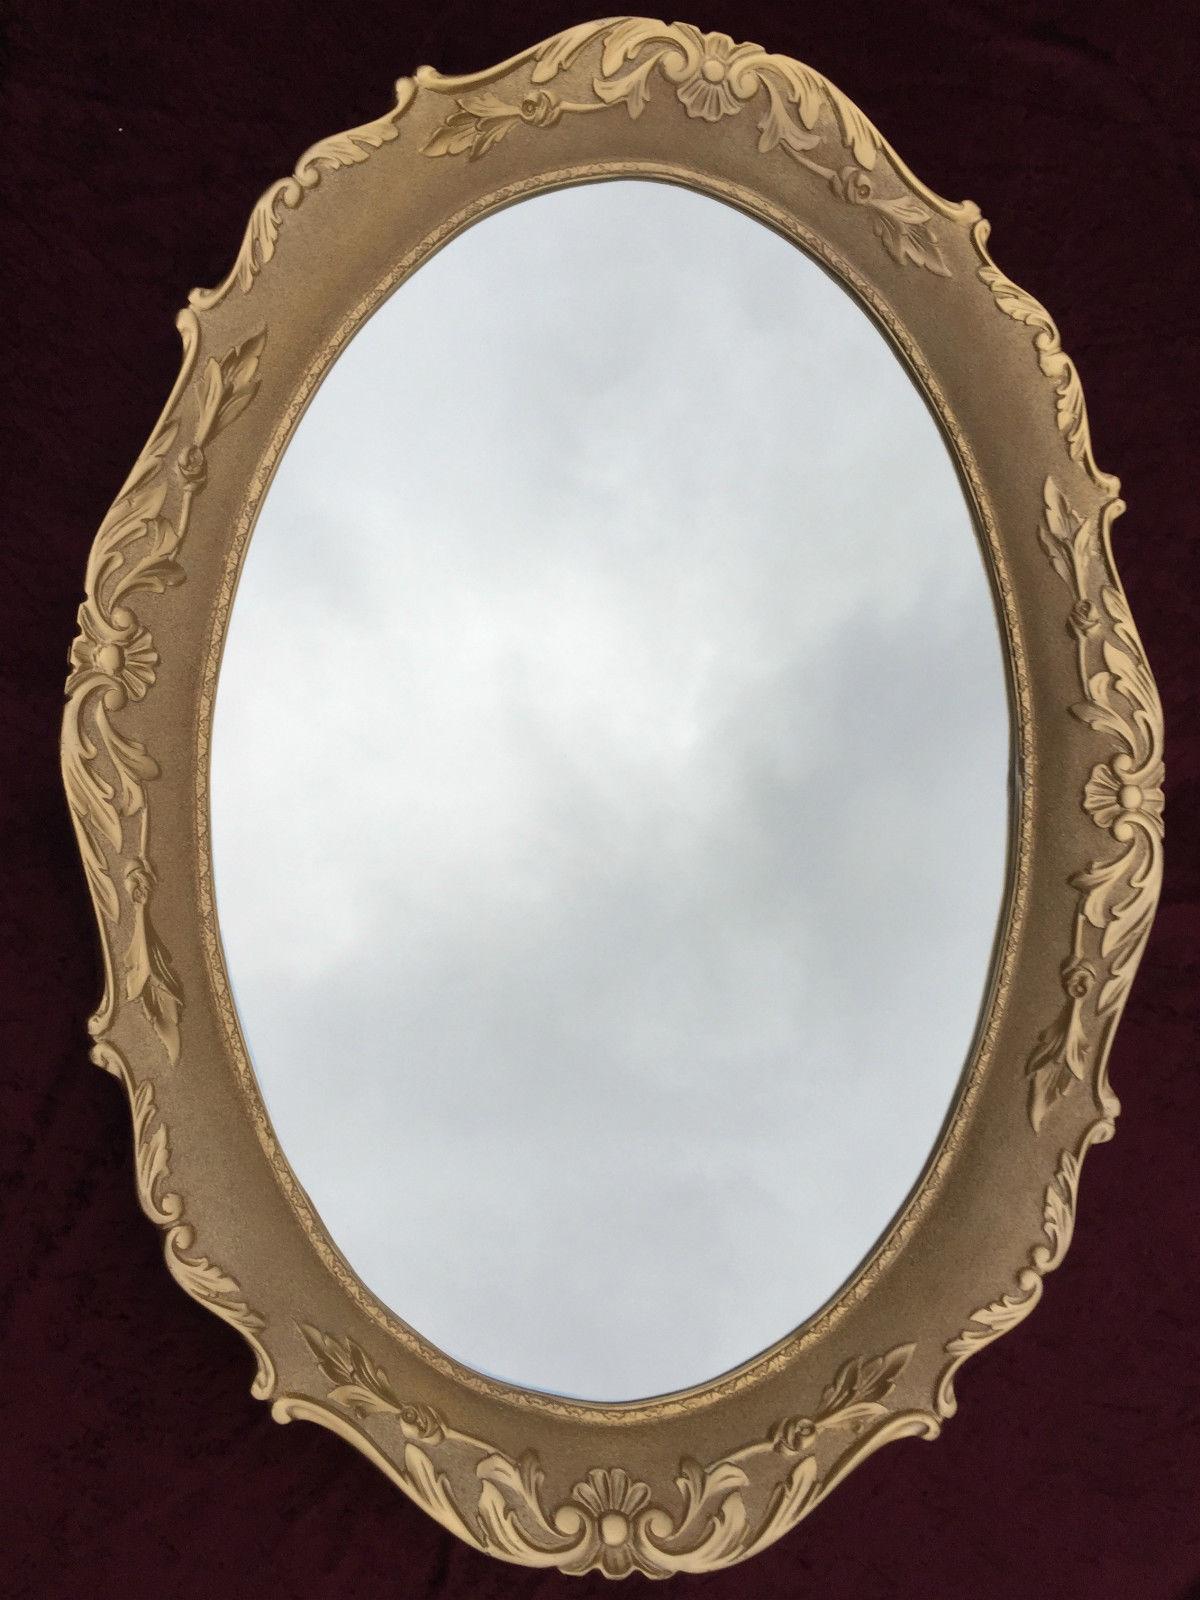 grosser wandspiegel barock 107x80 cm oval antik rahmen. Black Bedroom Furniture Sets. Home Design Ideas